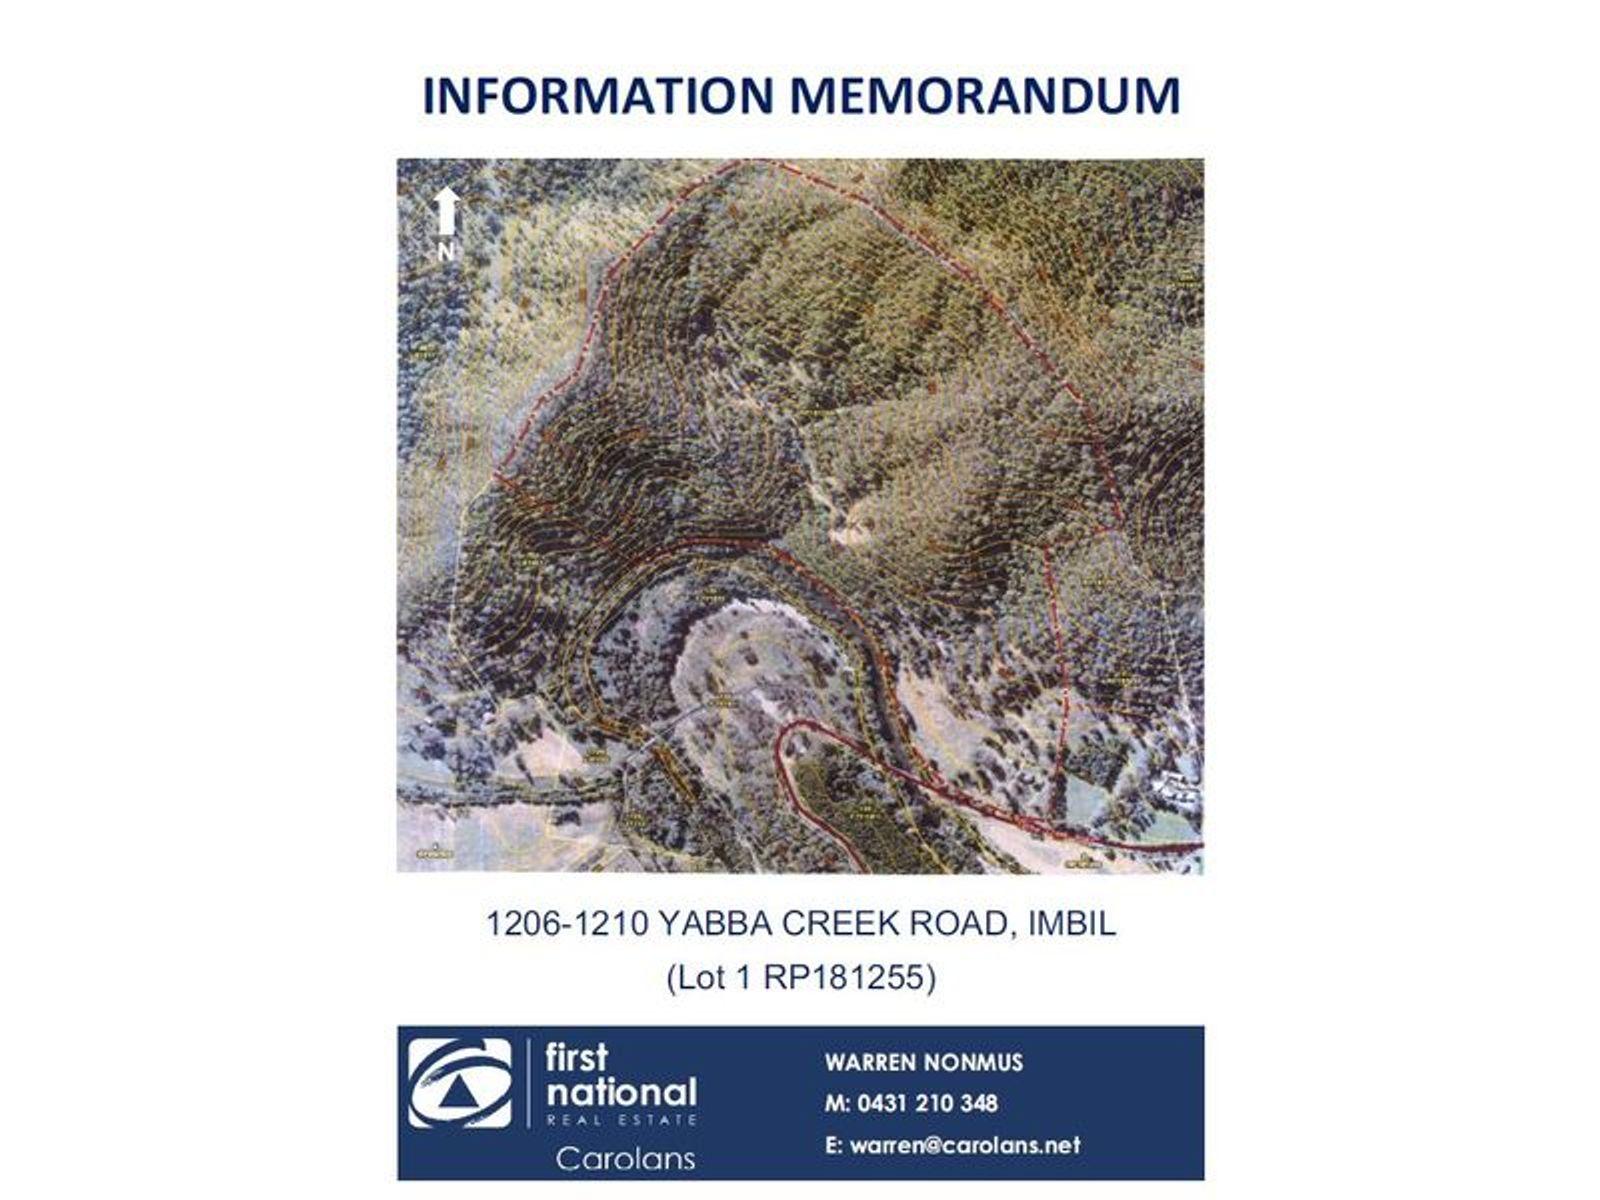 1206-1210 Yabba Creek Road, Imbil, QLD 4570